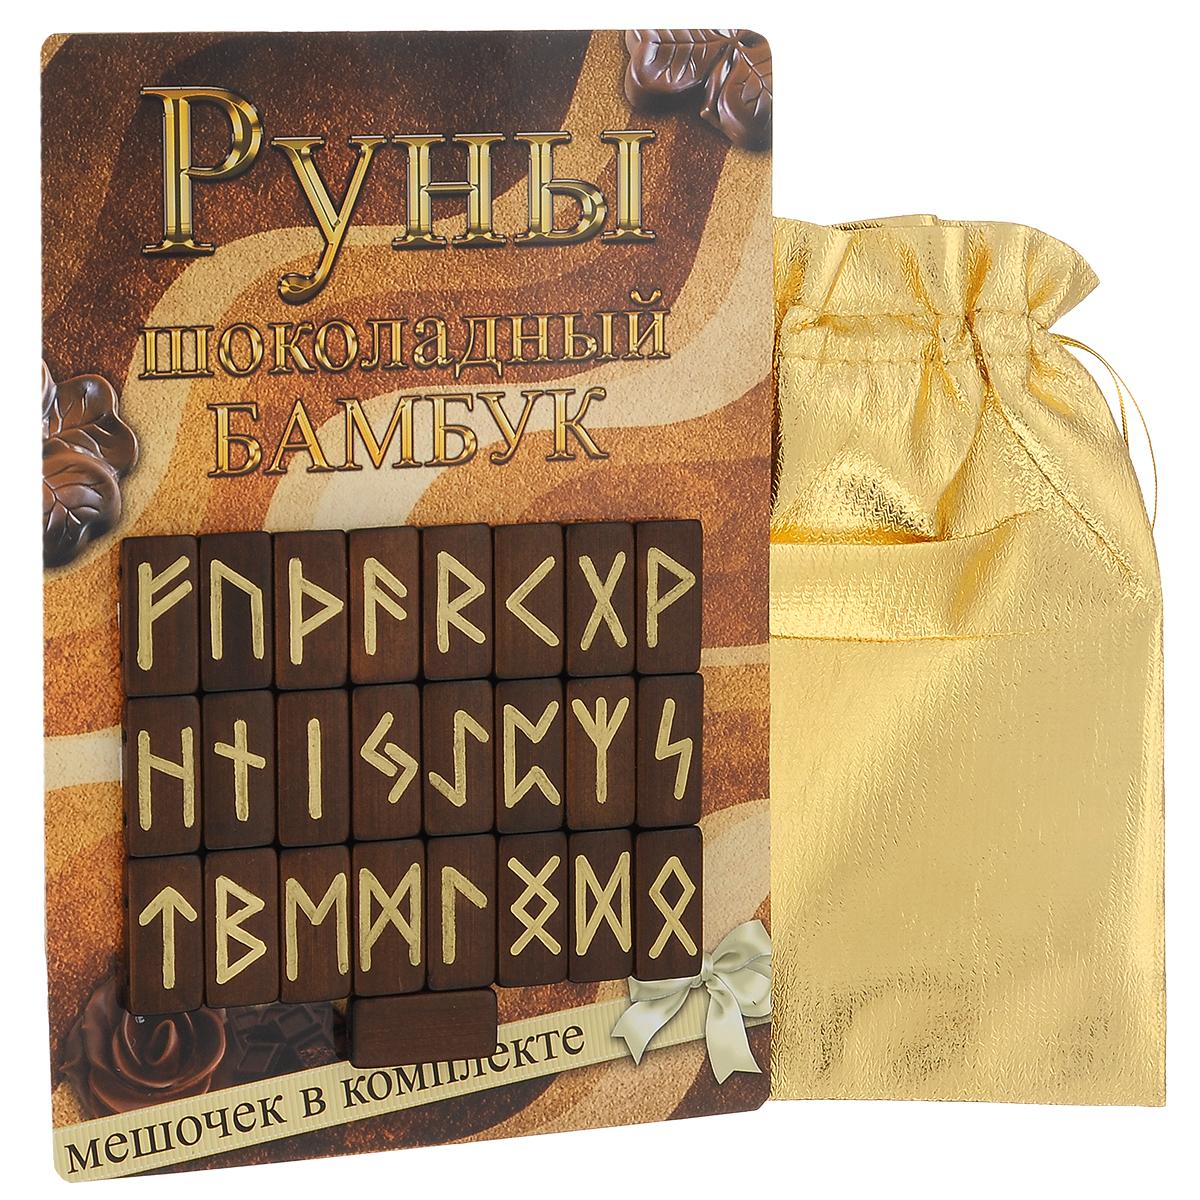 Руны деревянные АРТтема21 Шоколадный бамбук, с мешочком, 25 штук. РШБРШБРуны для гадания изготовлены из бамбука шоколадного цвета. Набор состоит из 24 рун старшего футарка, на каждой из которых желтой краской начертан свой знак, и одной пустой руны - так называемой руны Одина. В комплект входит парчовый мешочек золотистого цвета на завязках. Руны - это не только древнейший оракул скандинавских и германских племен Северной Европы, это еще и устоявшаяся магическая система гадания, помогающая находить ответы и пути решения самых разных проблем и вопросов. При достойном отношении к Рунам как к серьезному гаданию, вы убедитесь, что Руны могут помогать находить верные решения в сложных ситуациях, направлять ваши собственные решения в верное русло, показав вероятные события, предоставив на выбор несколько путей и предложив решение проблемы на тот случай, если неблагоприятному предсказанию все же суждено сбыться.